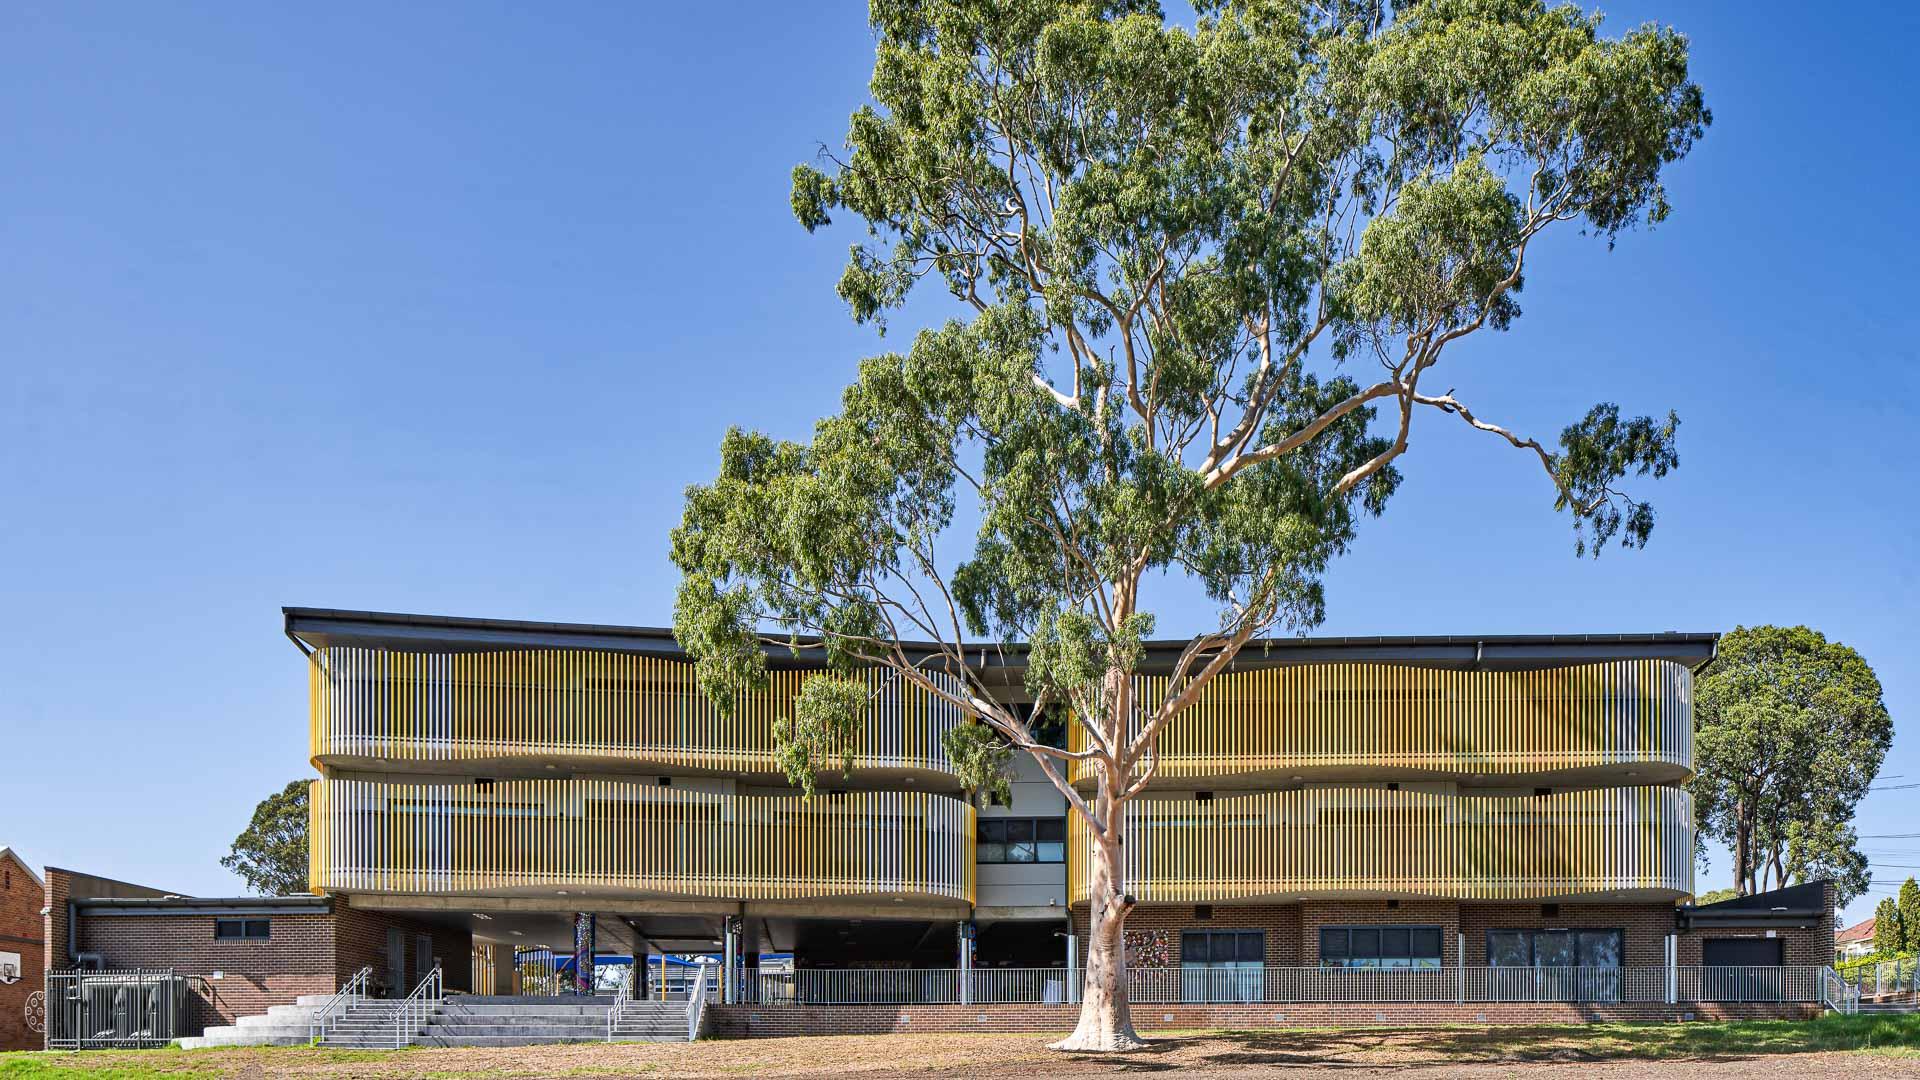 Merrylands Public School